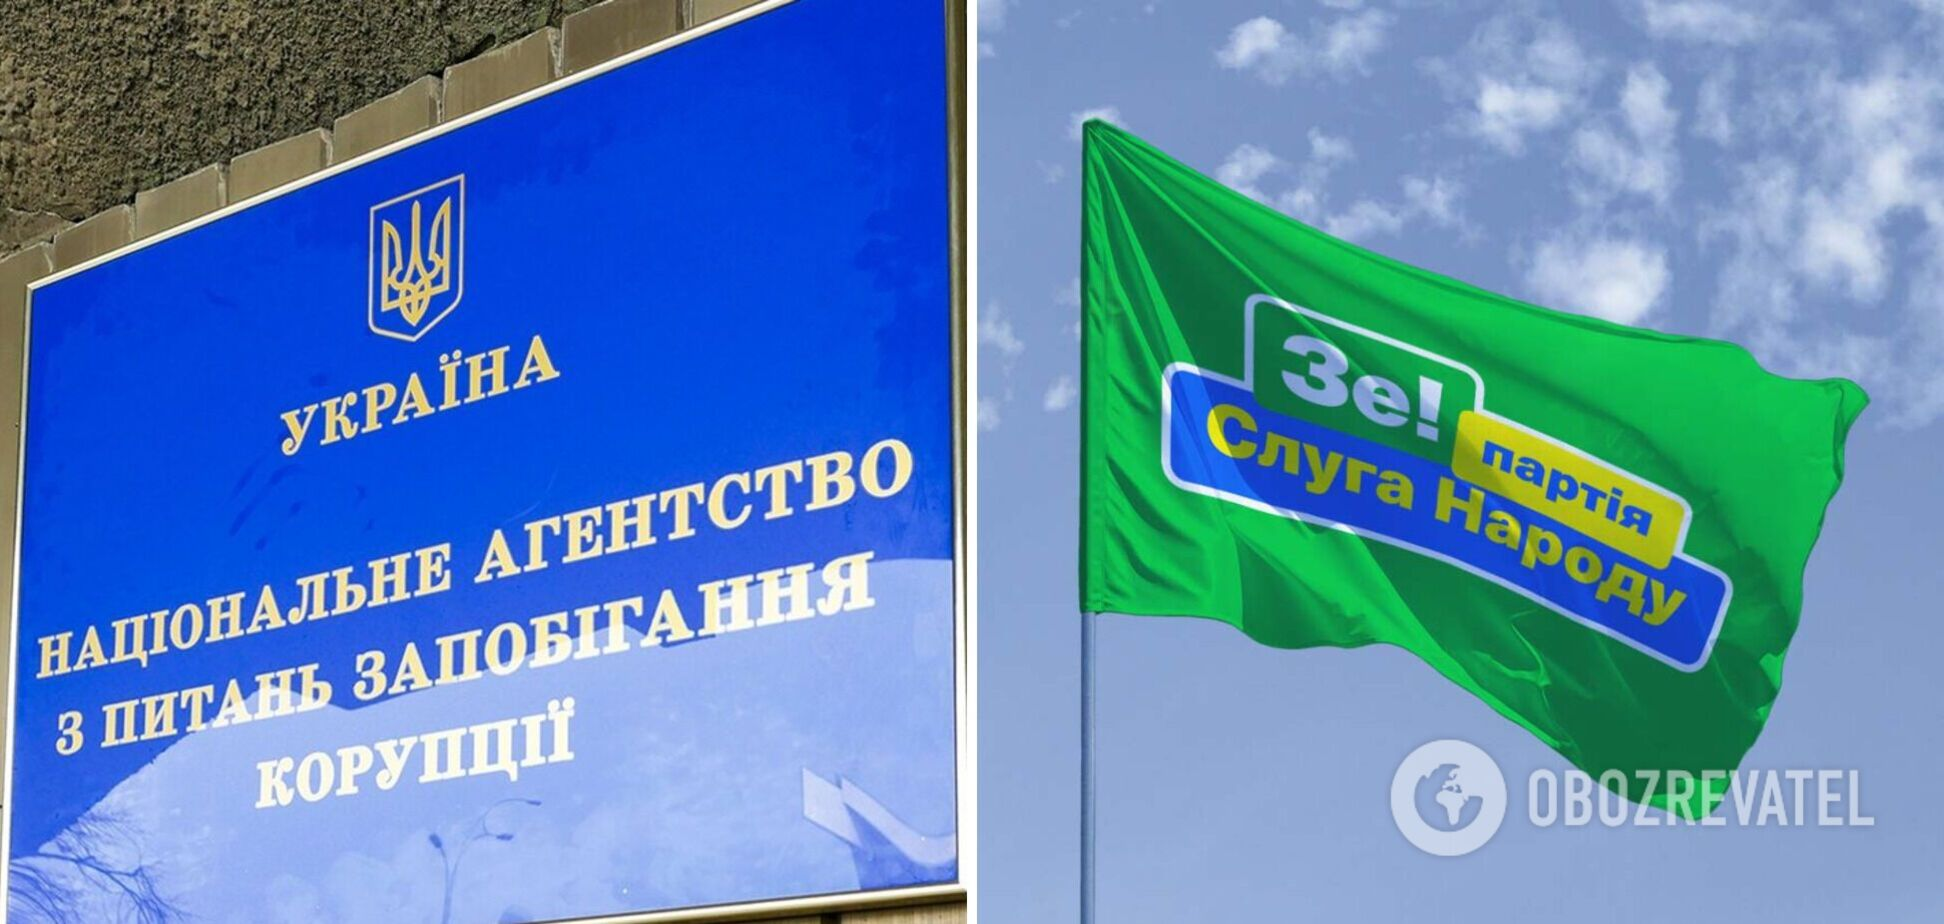 'Слуг народу' позбавили держфінансування: в НАЗК назвали причину